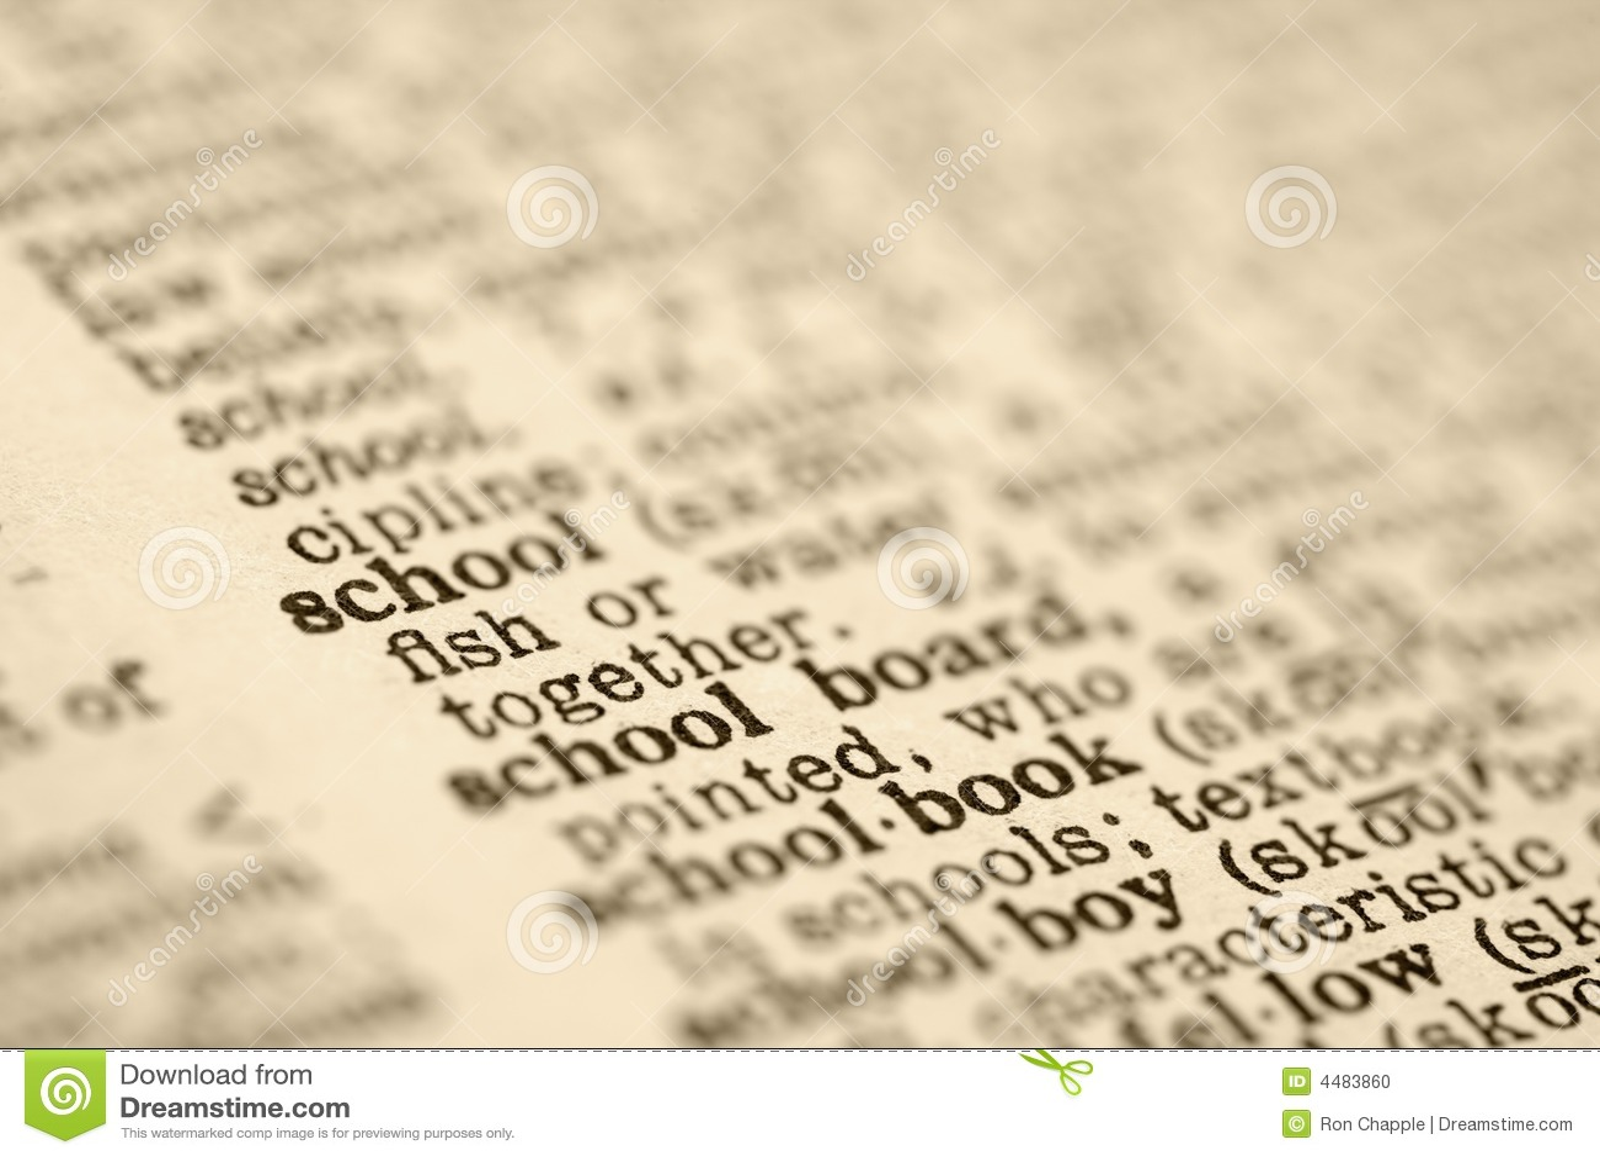 De ingang van het woordenboek voor school.